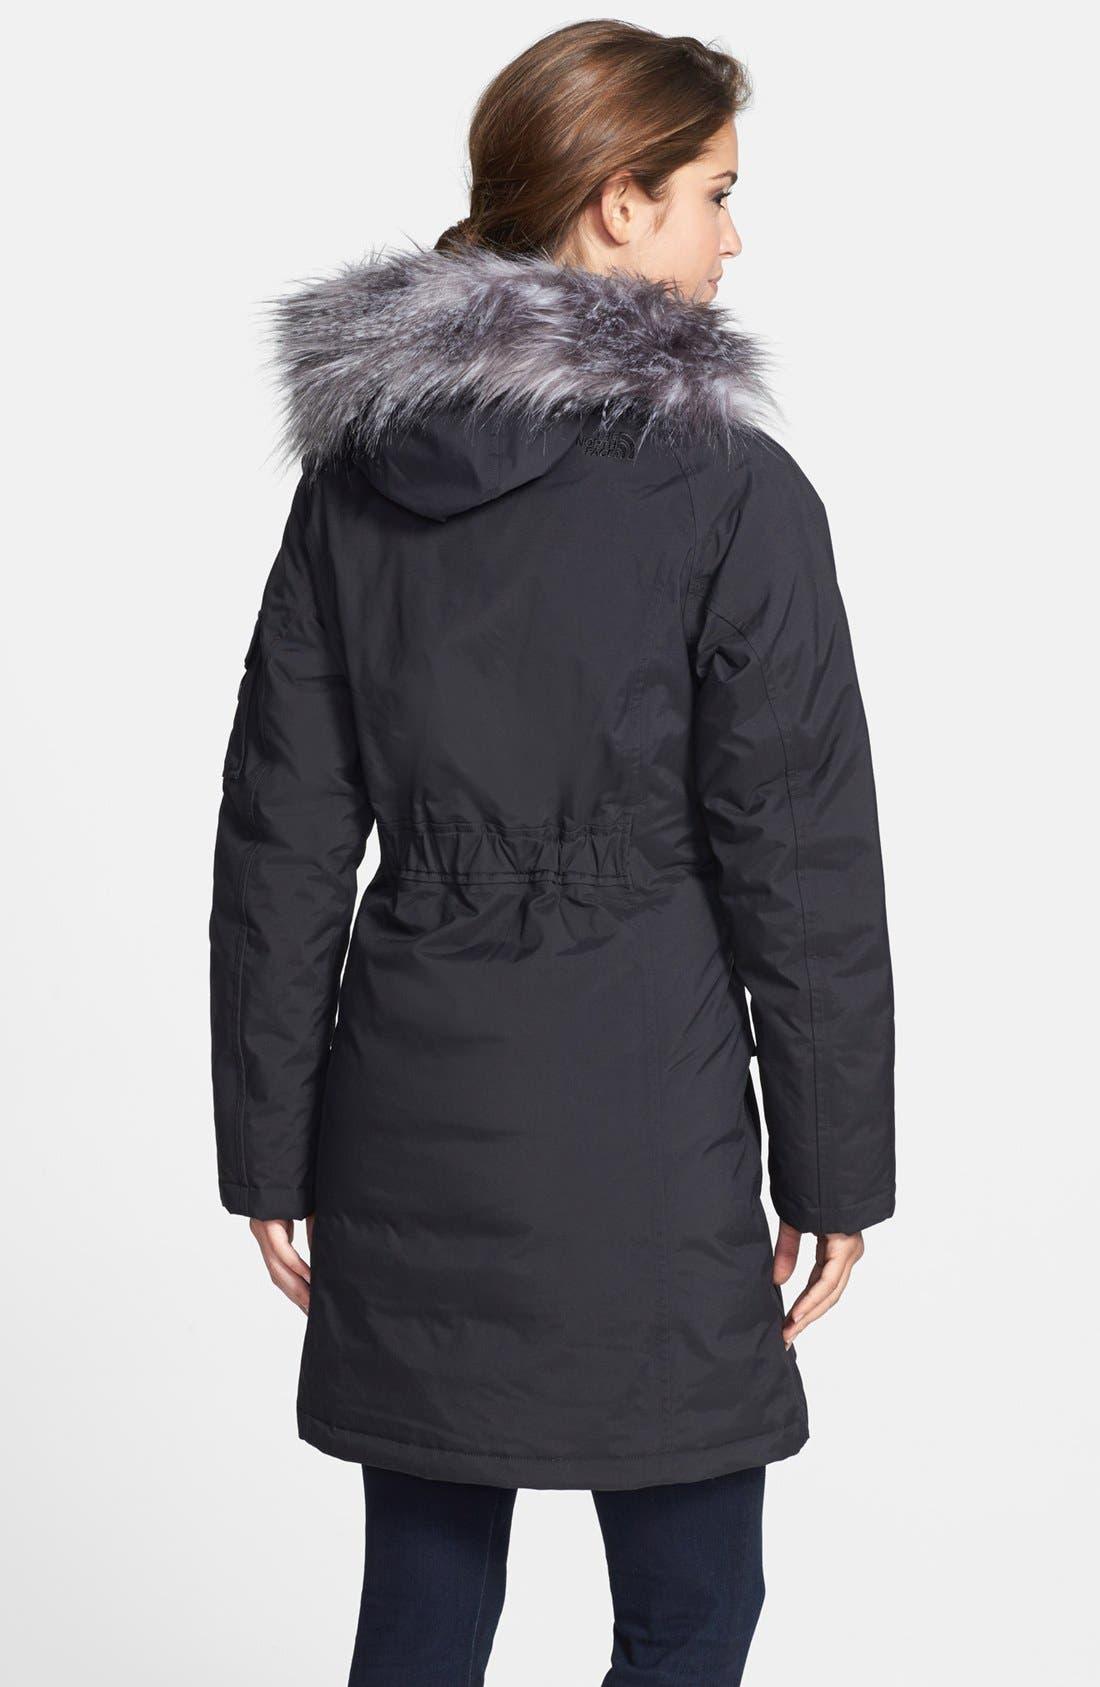 'Juneau' Faux Fur Trim Hooded Down Jacket,                             Alternate thumbnail 2, color,                             001